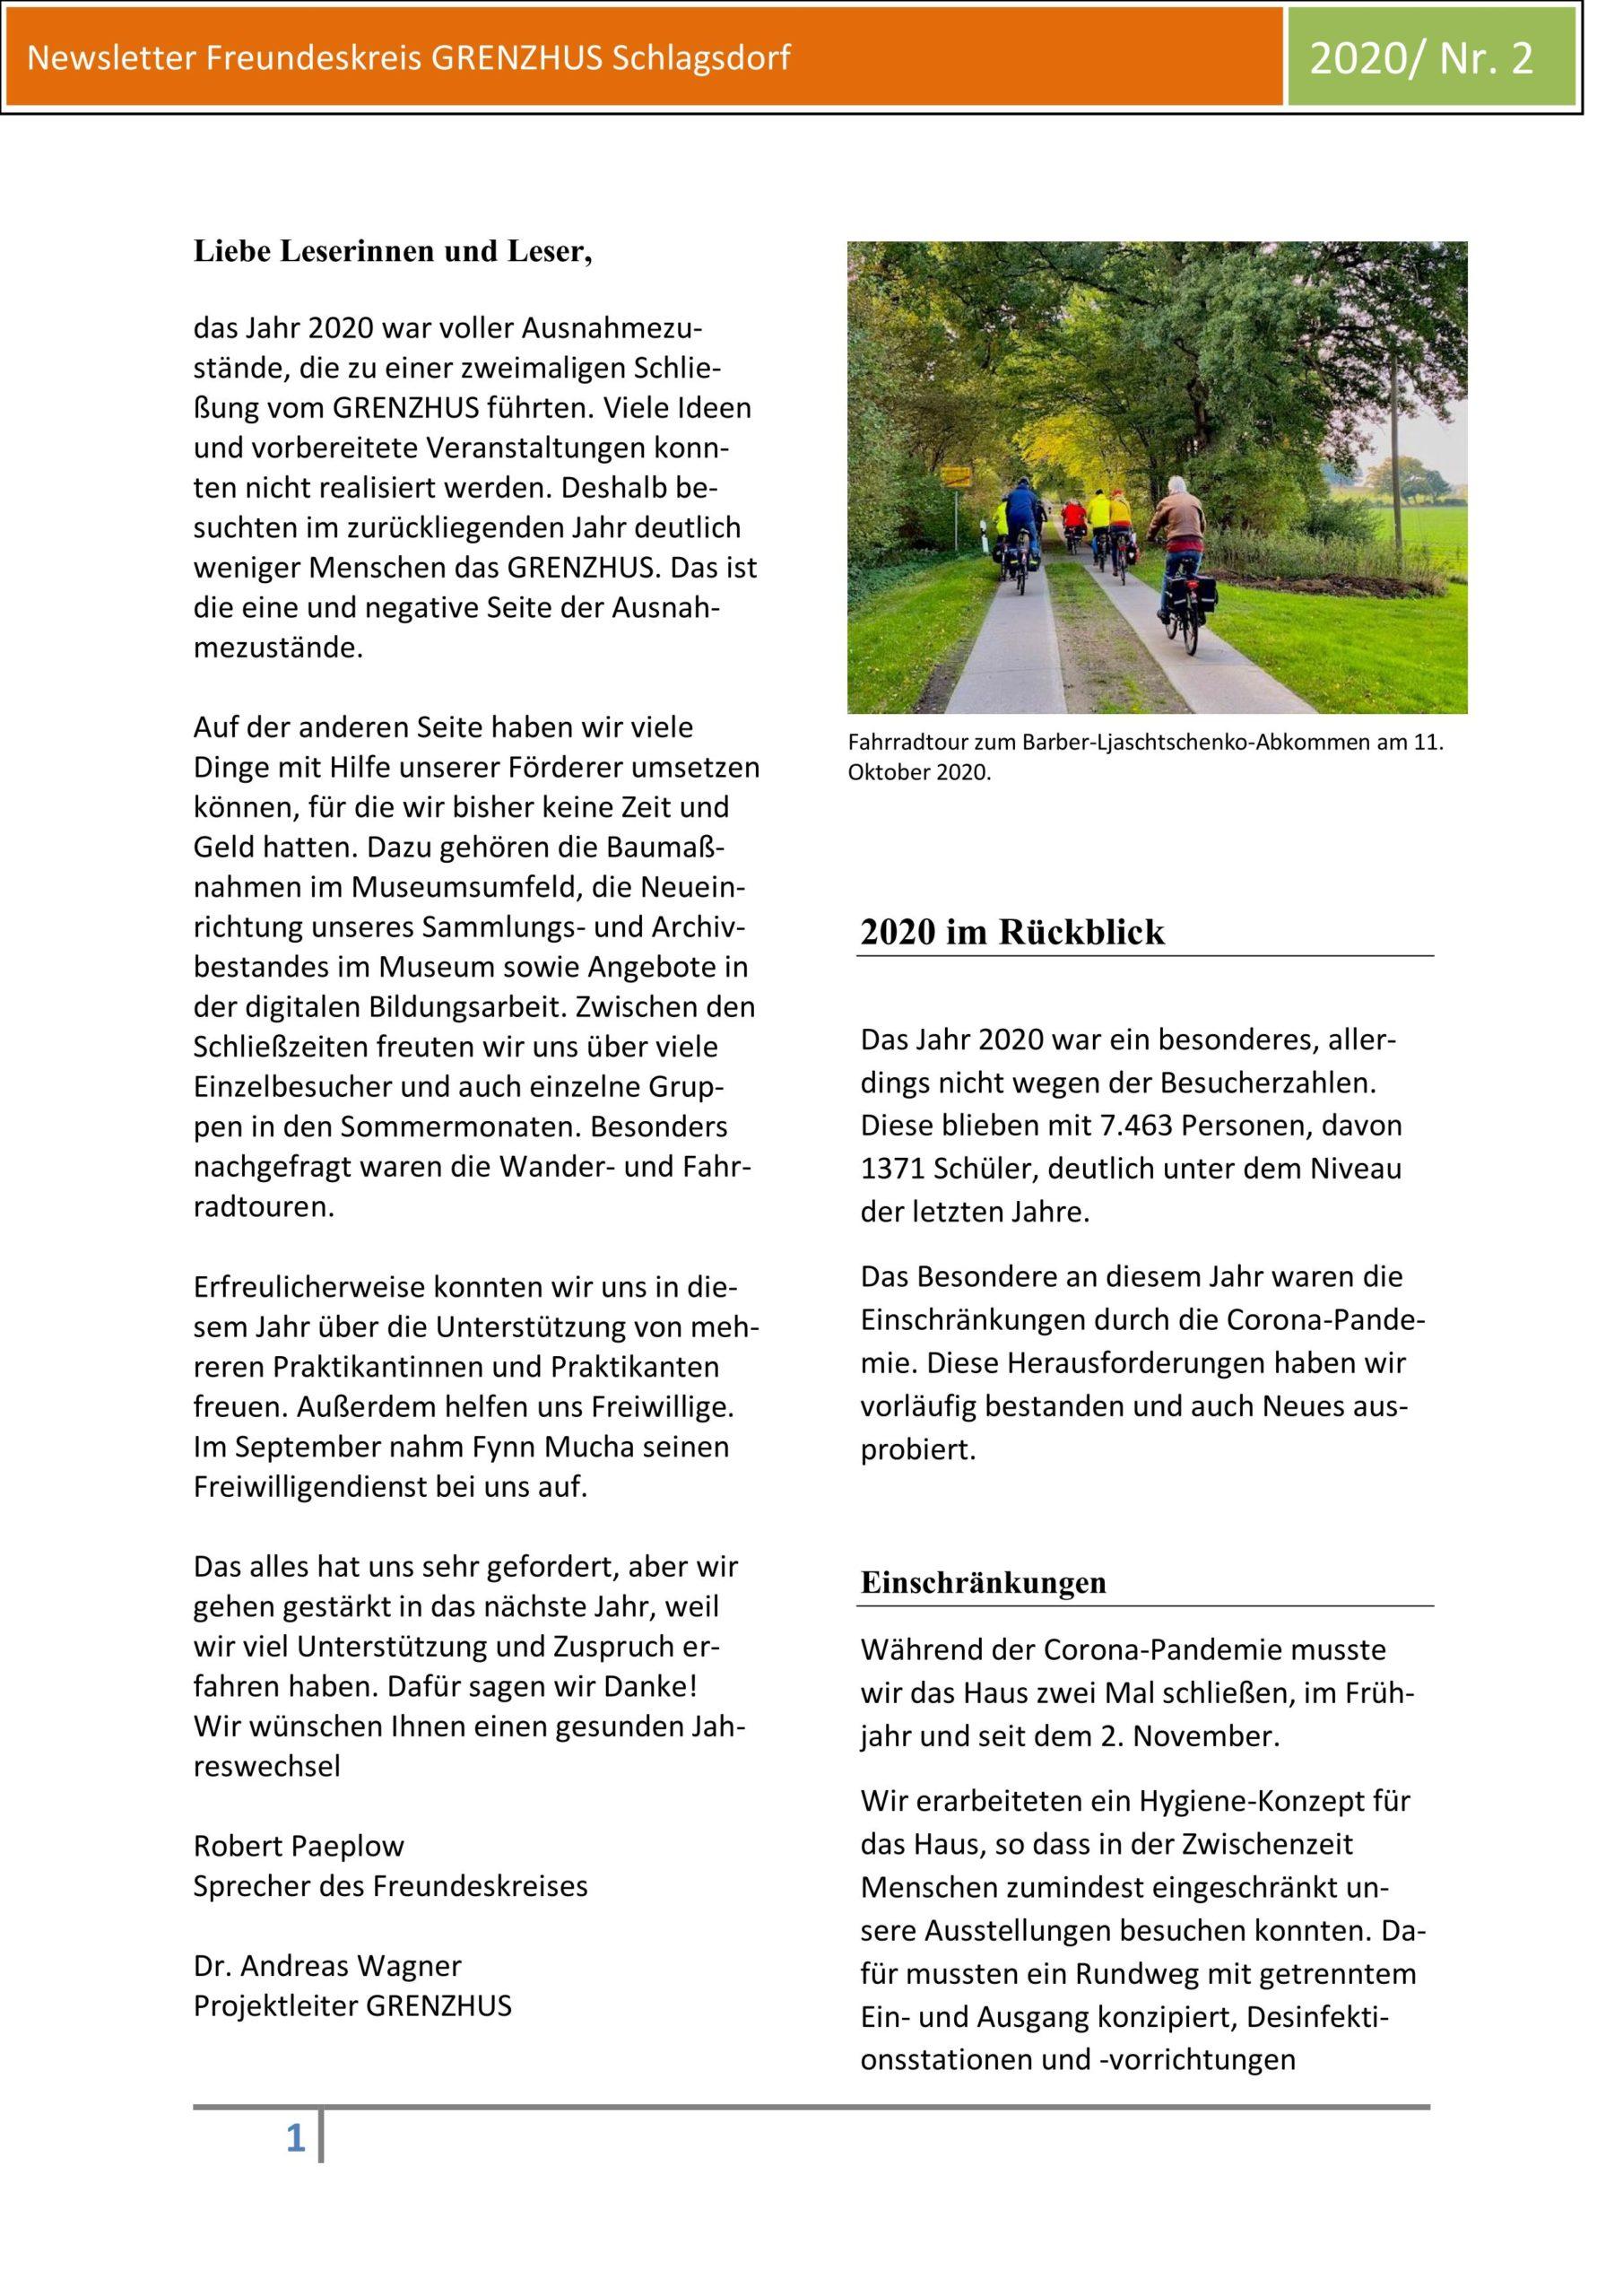 Der Grenzhus-Newsletter 2/2020